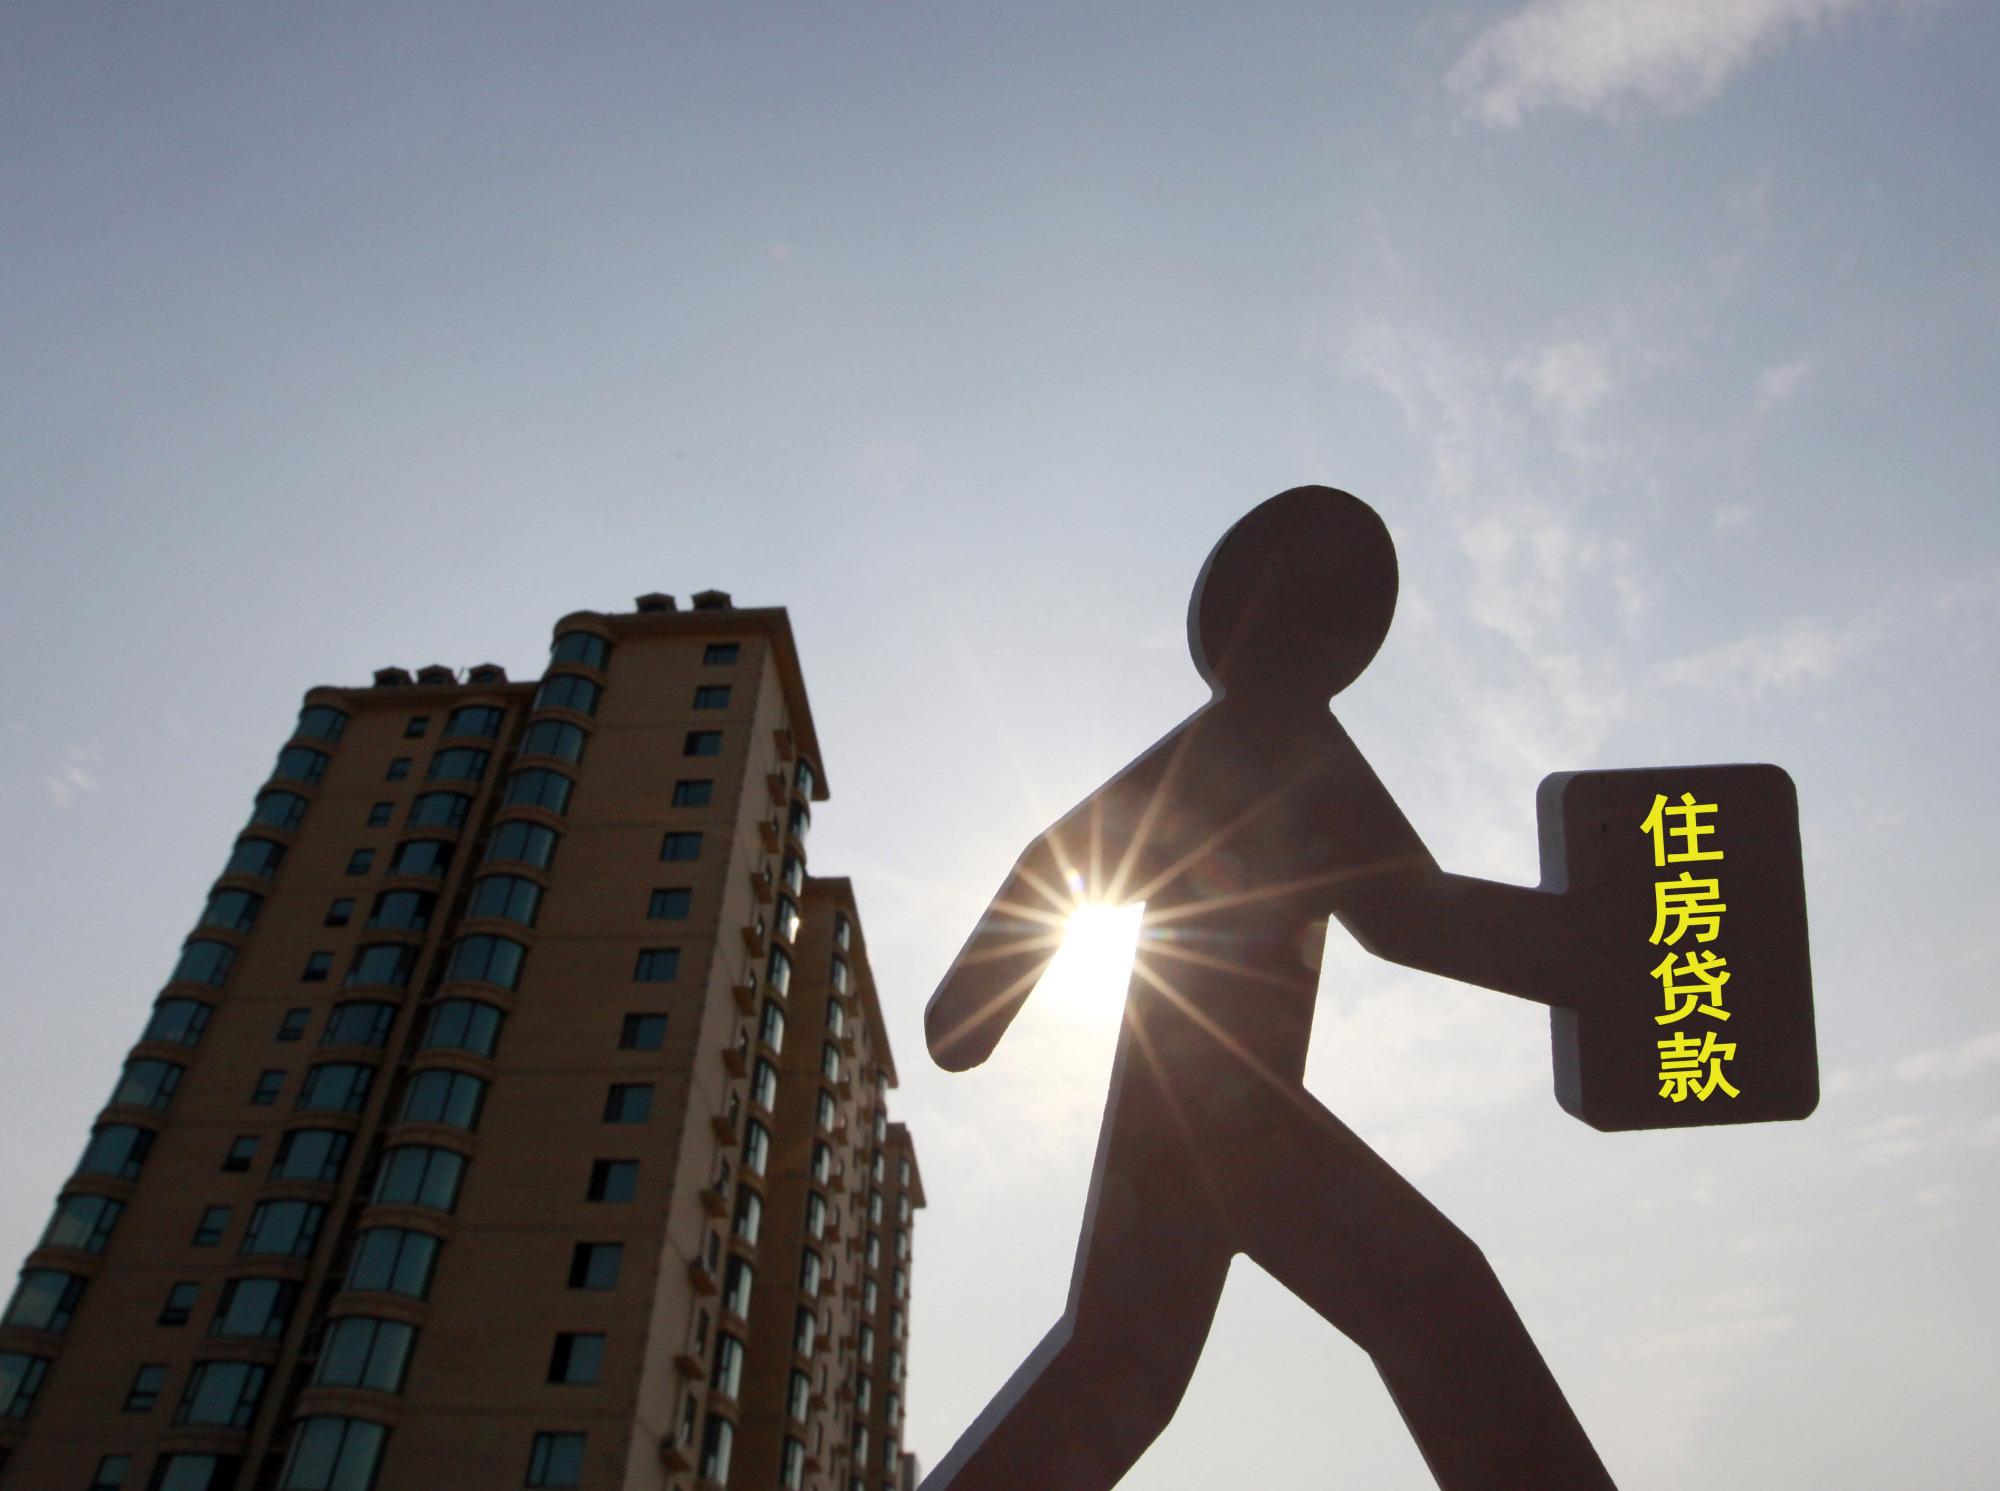 重磅!速看!中国楼市或将迎来重大变局!未来涨跌已经明朗